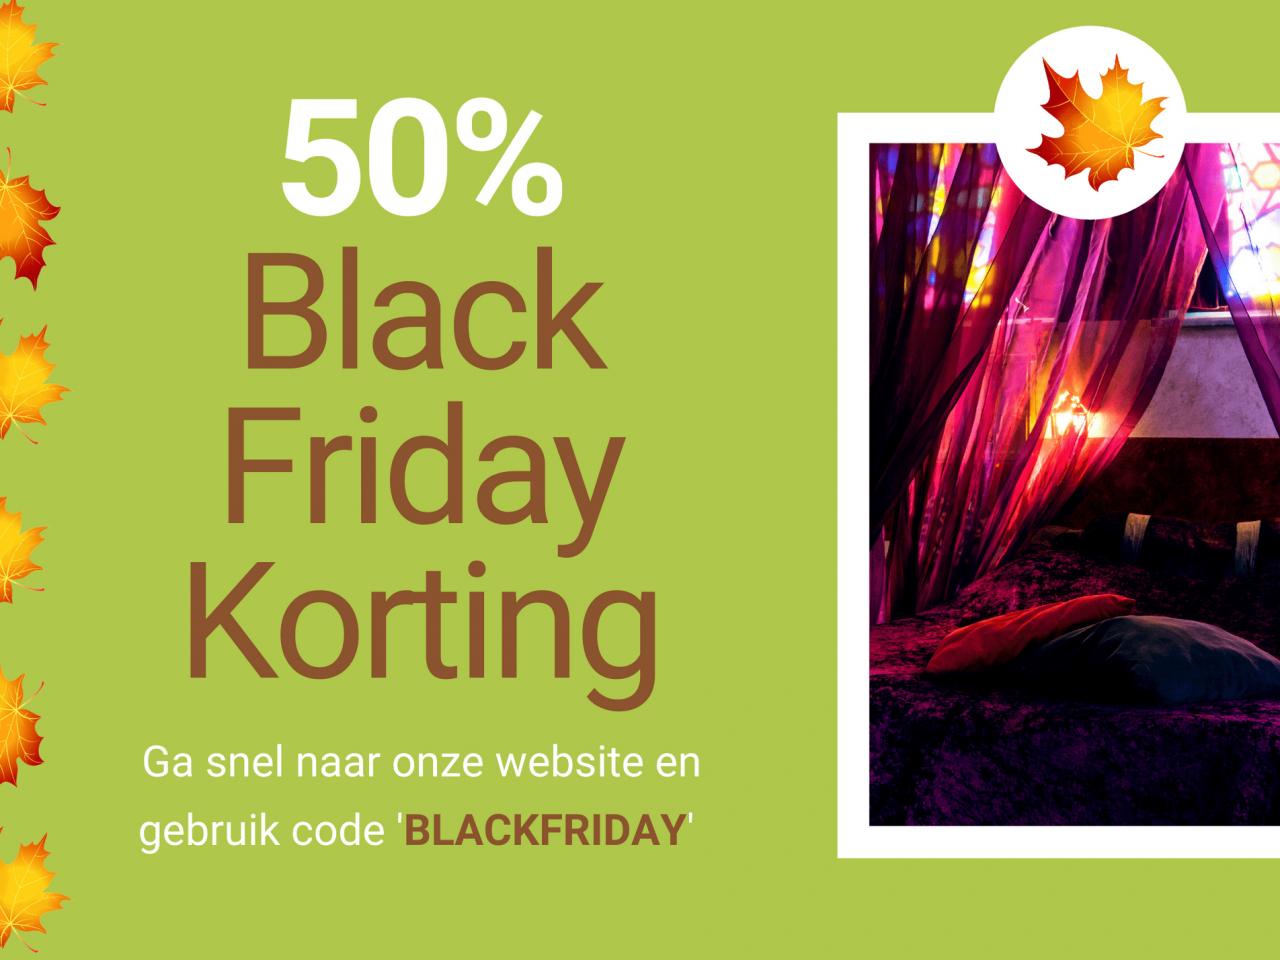 Kopie Van Kopie Van Ga Snel Naar Onze Website En Gebruik Code 'BLACKFRIDAY'